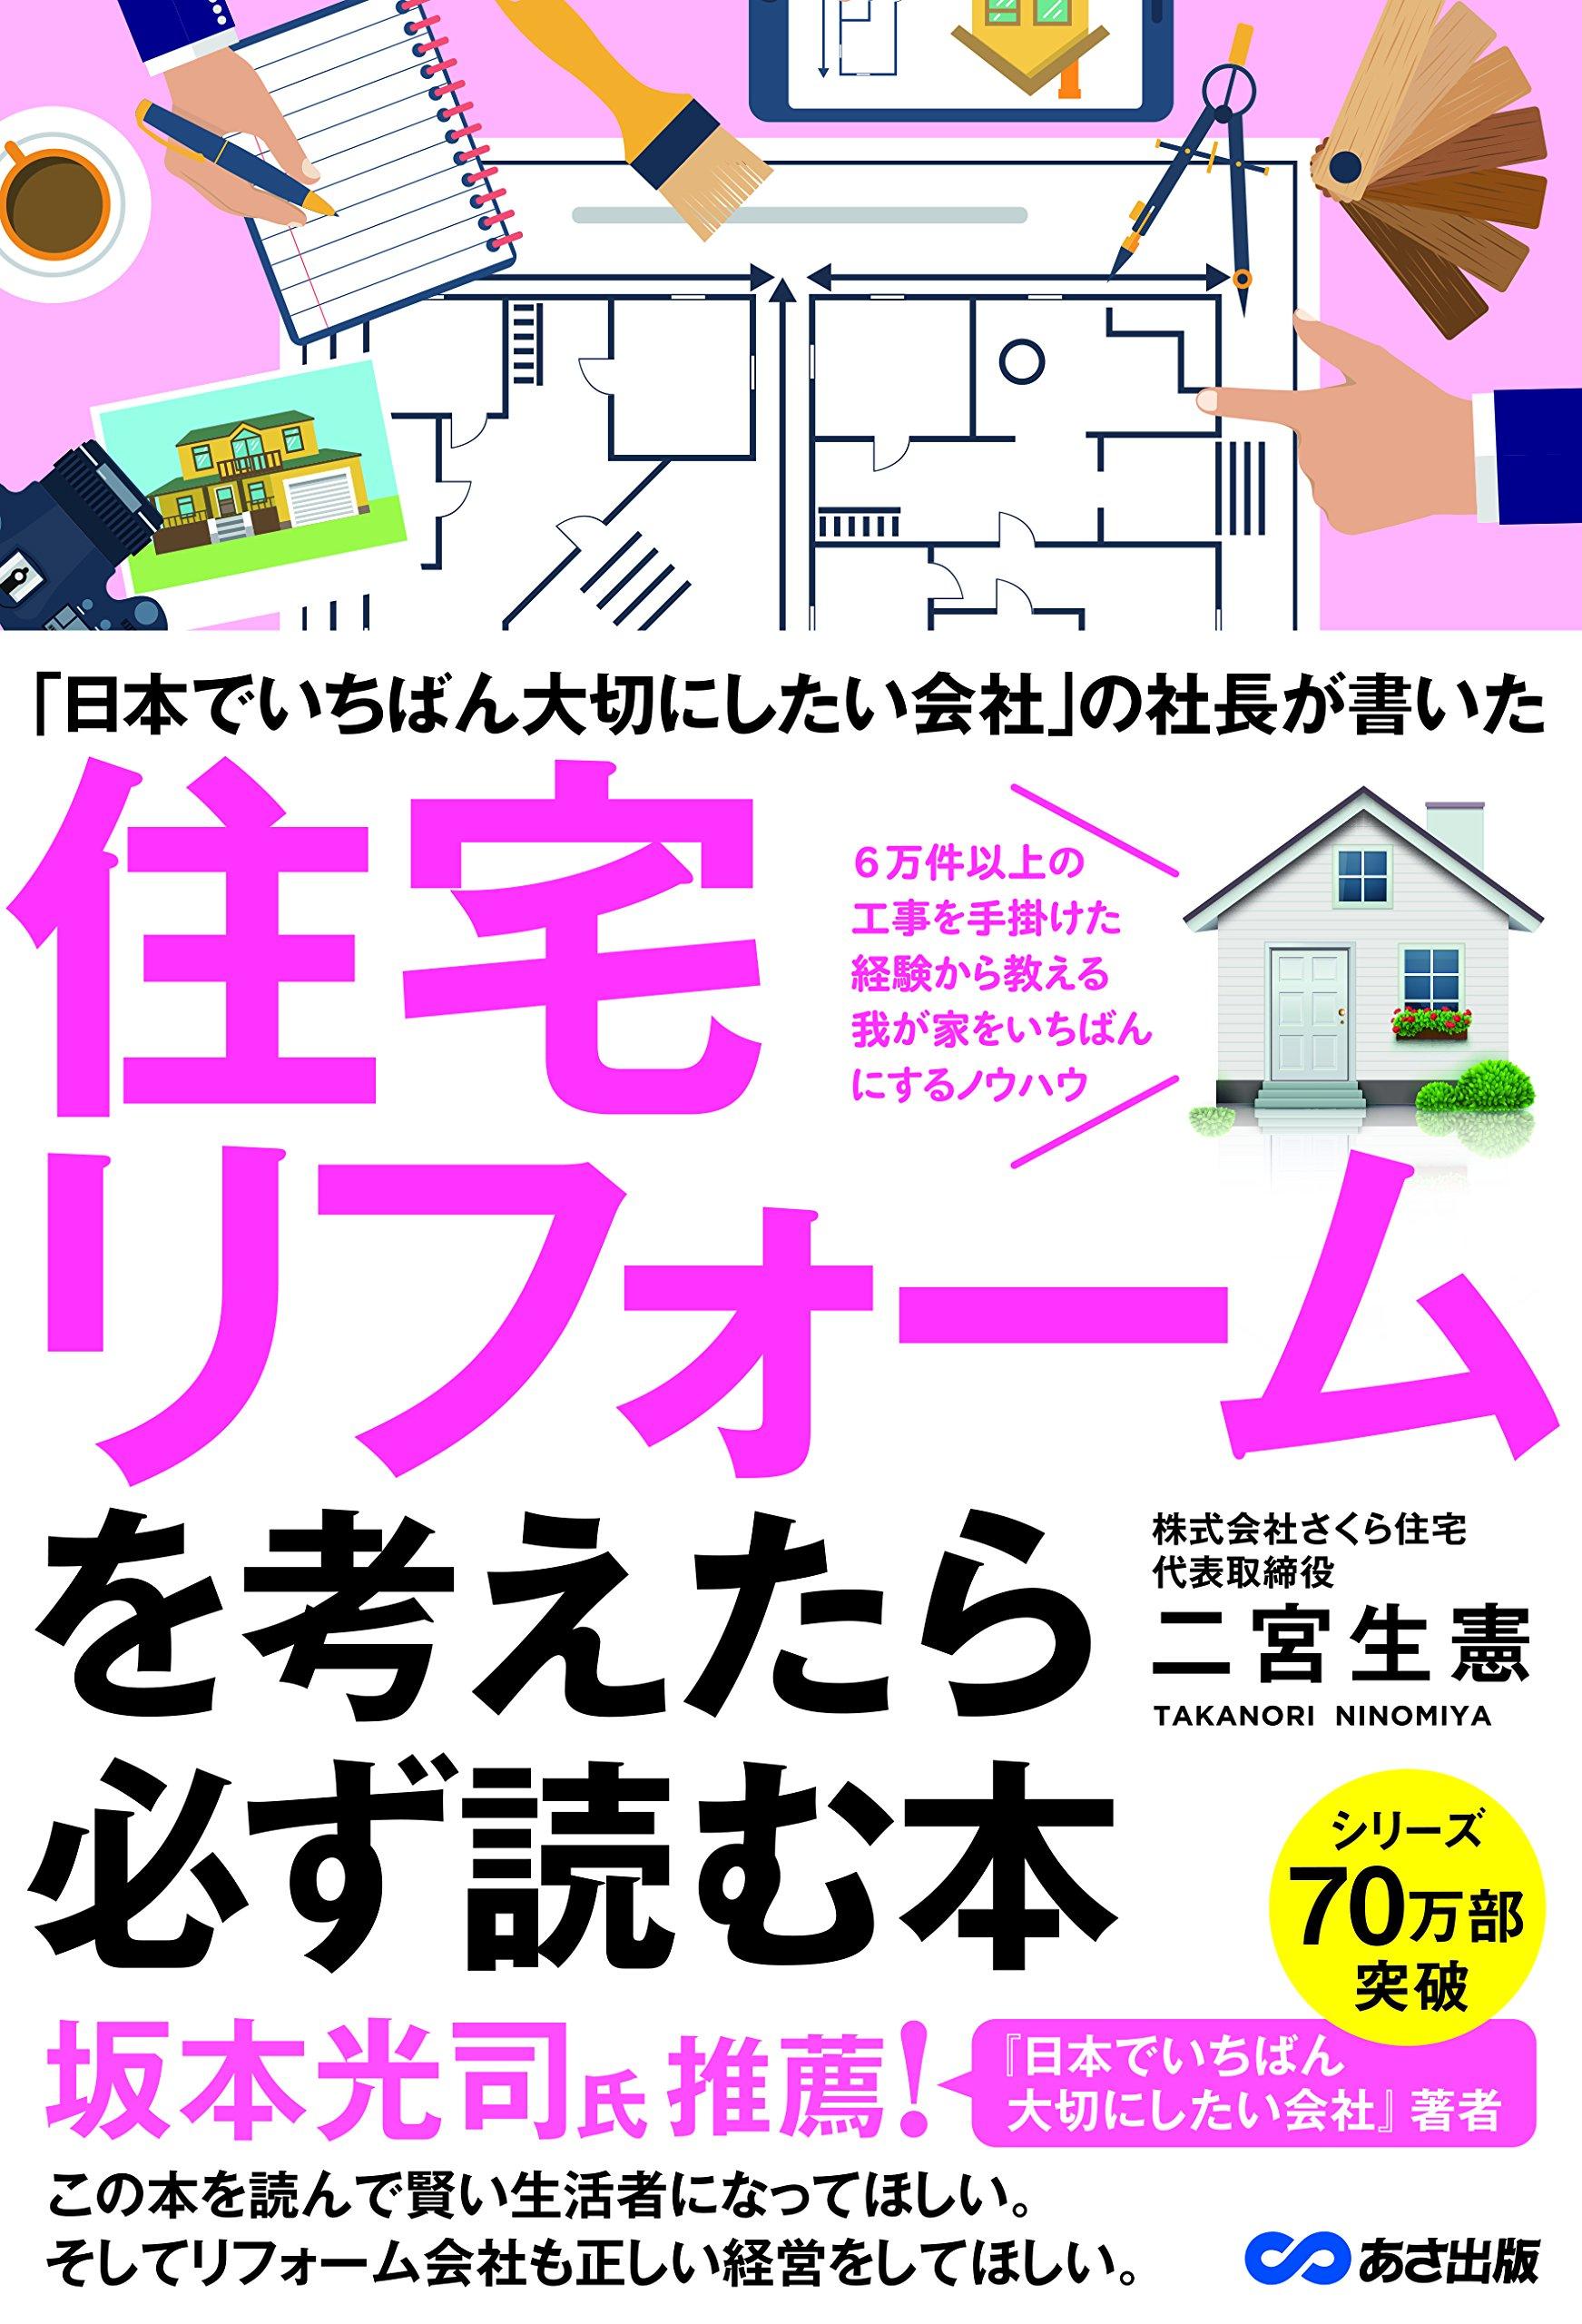 069-H1-jyutaku.jpg